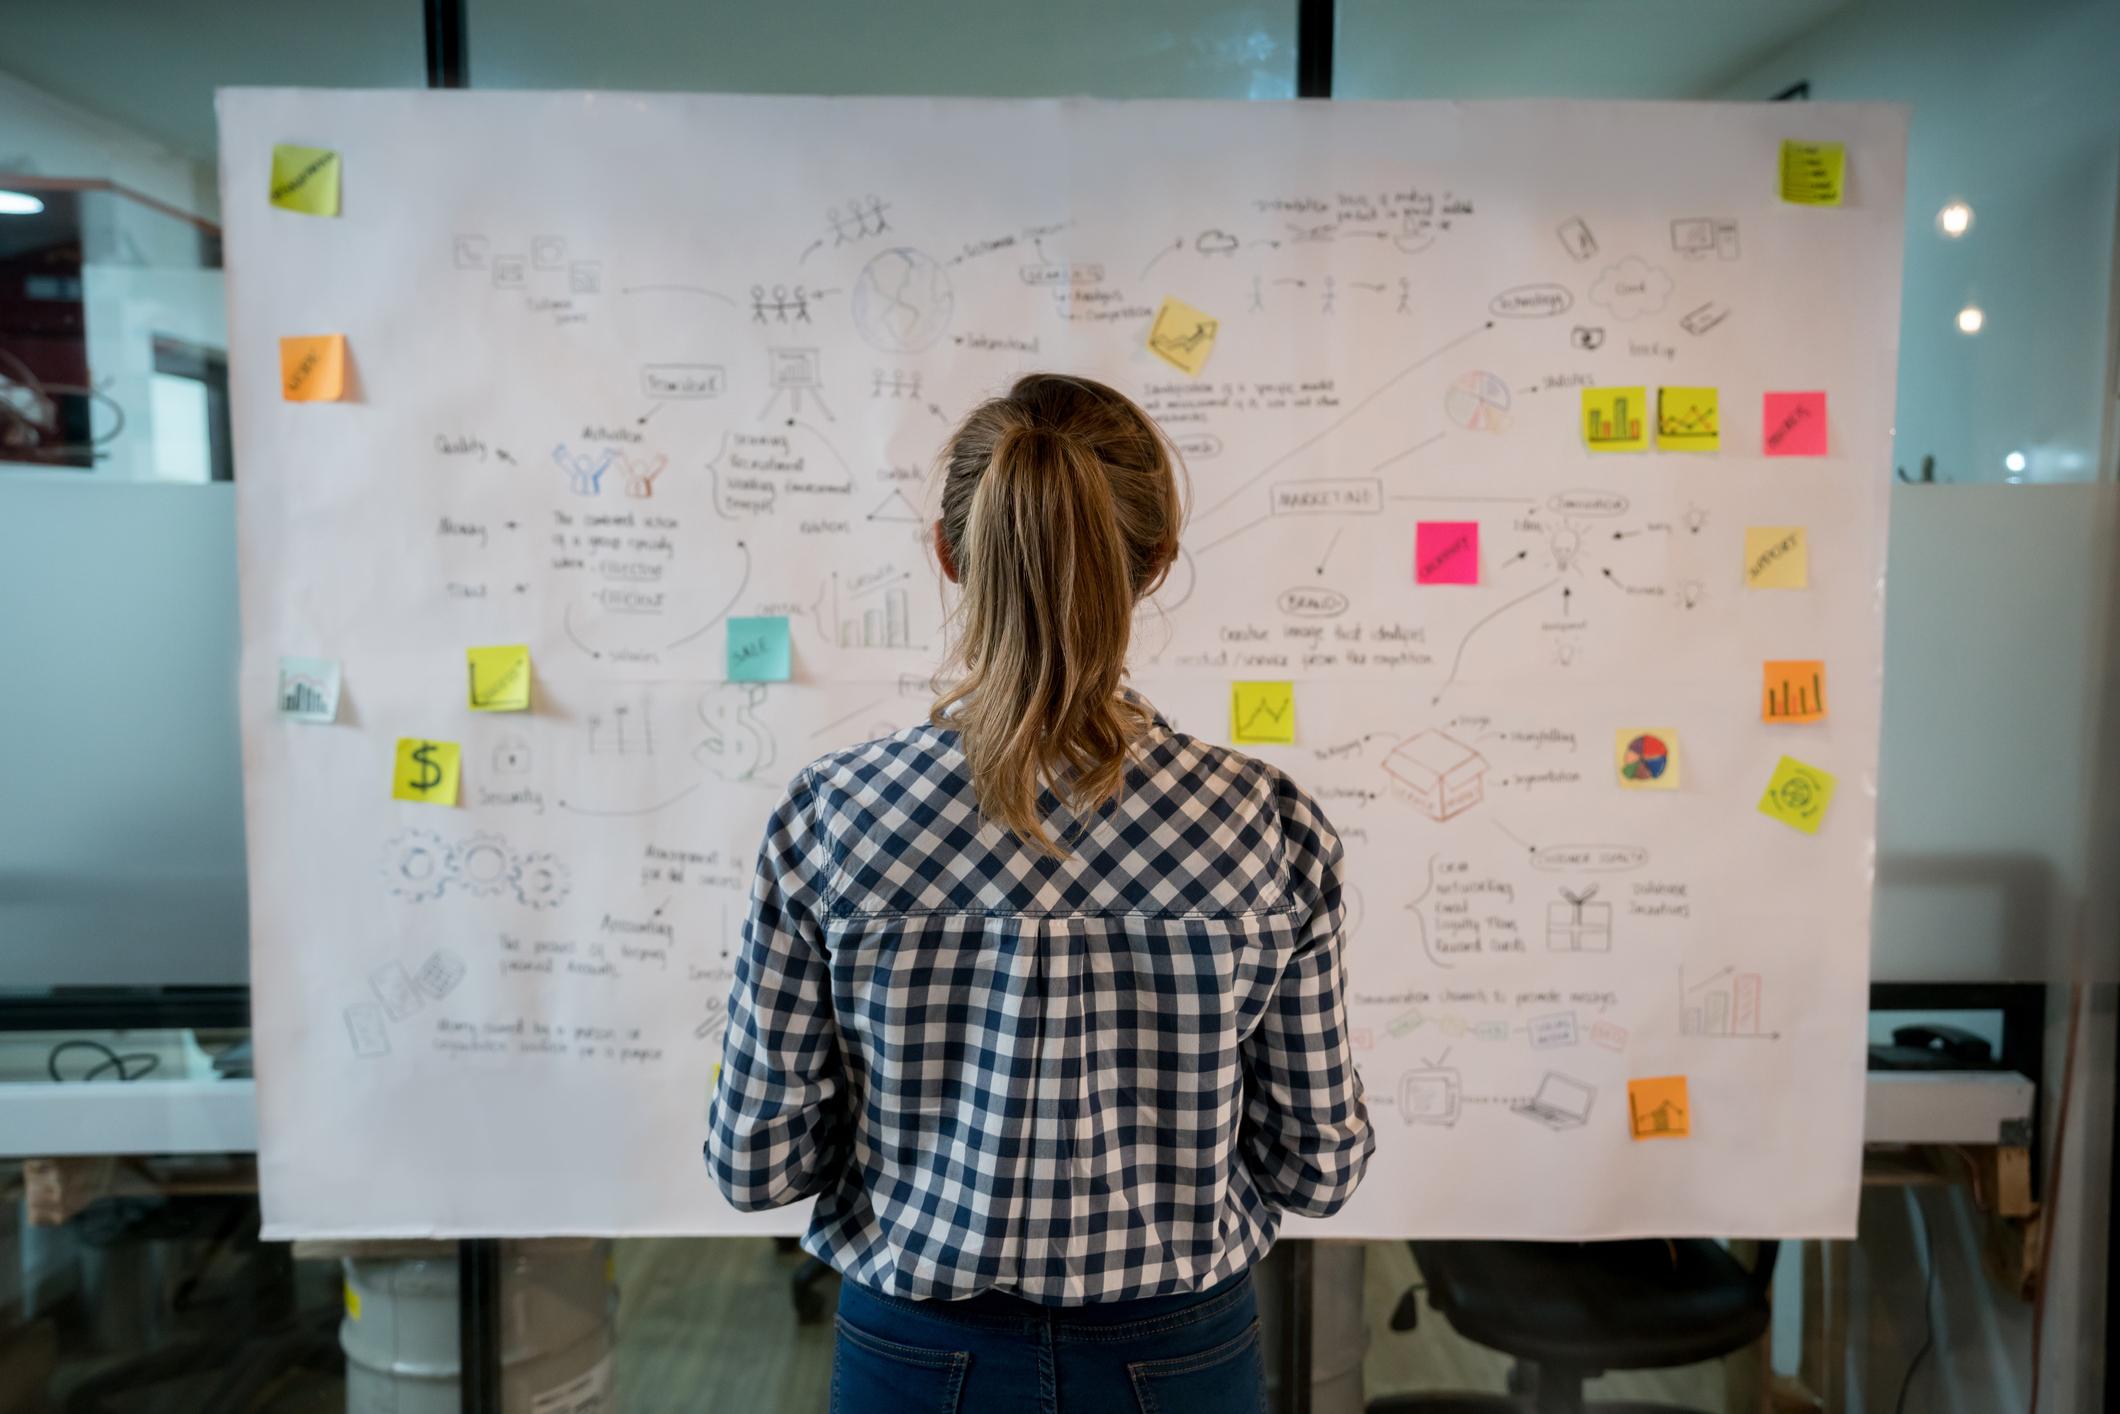 brainstorm naming domain name branding entrepreneur startup